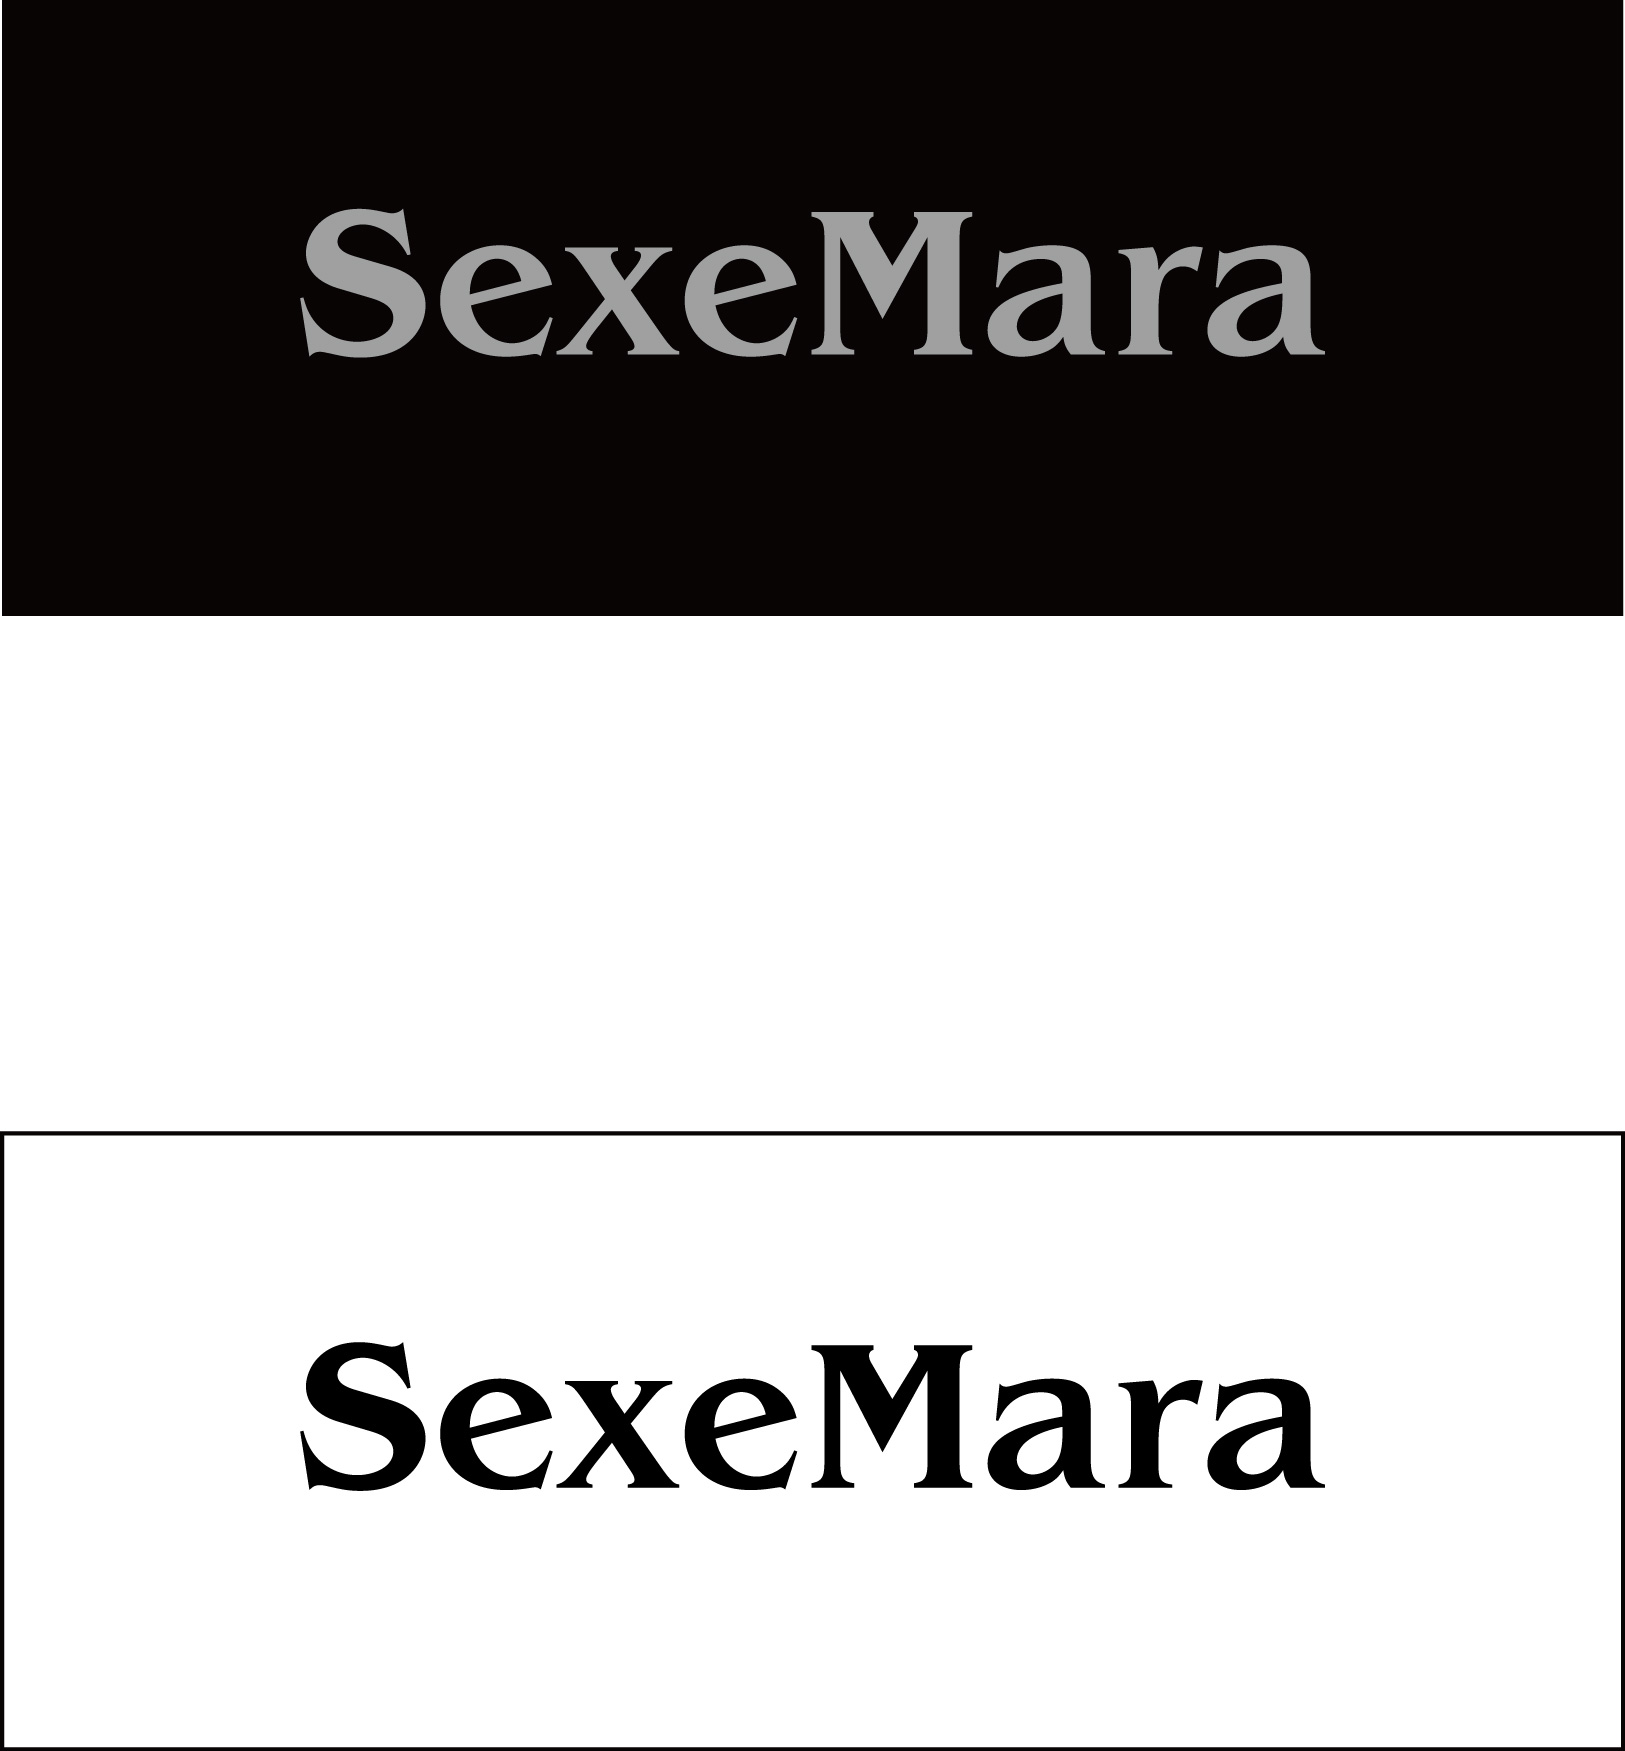 SexeMara